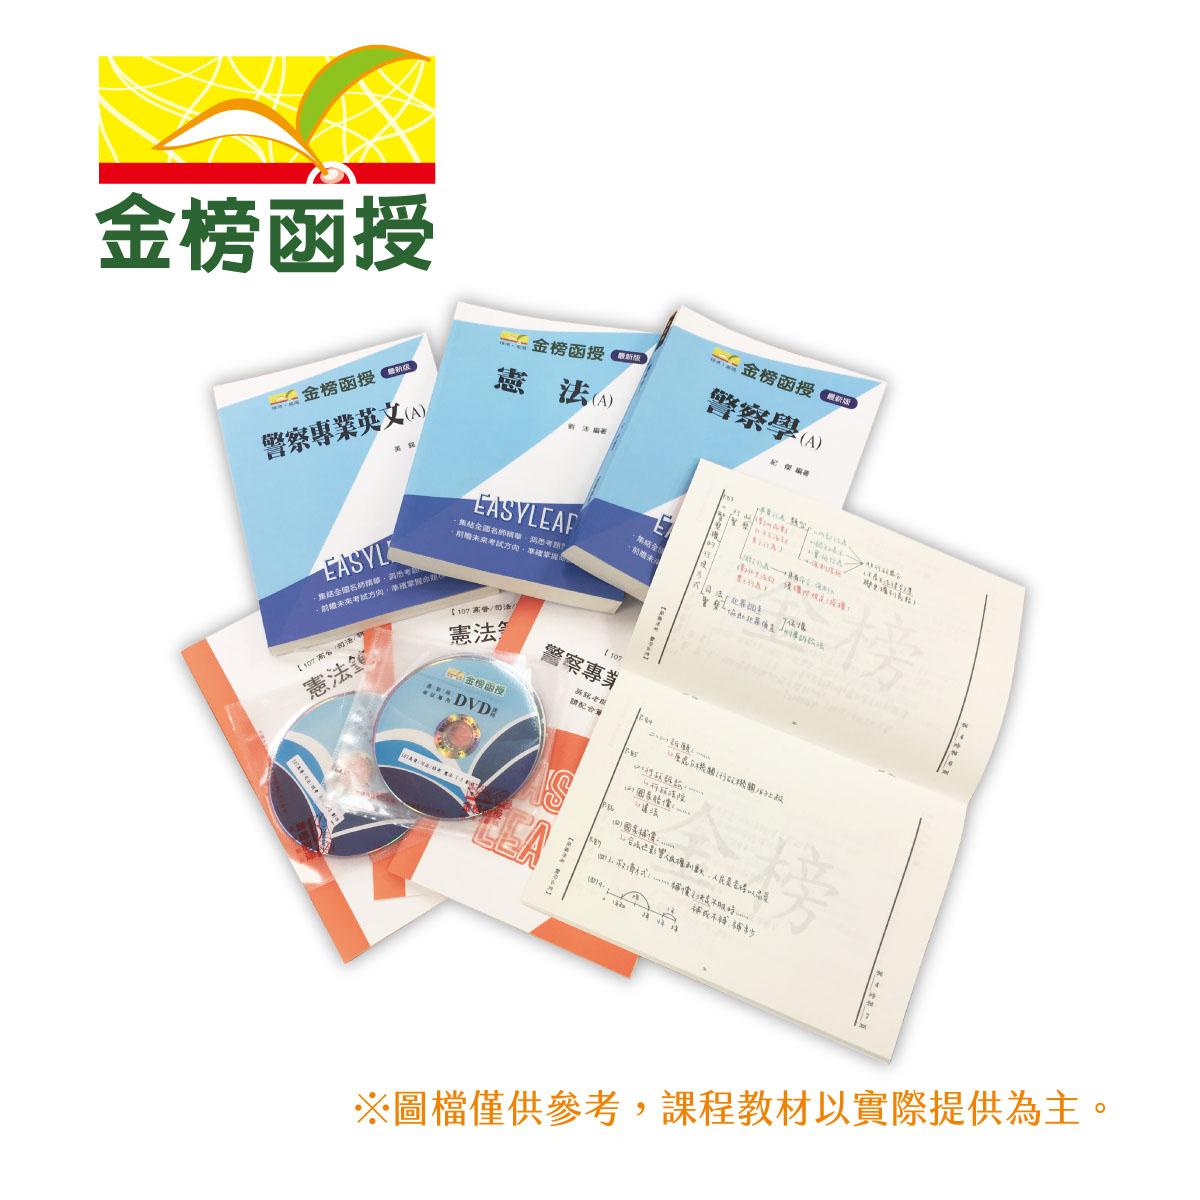 107金榜函授/地方特考/四等/全套/财税行政/DVD/专业科目